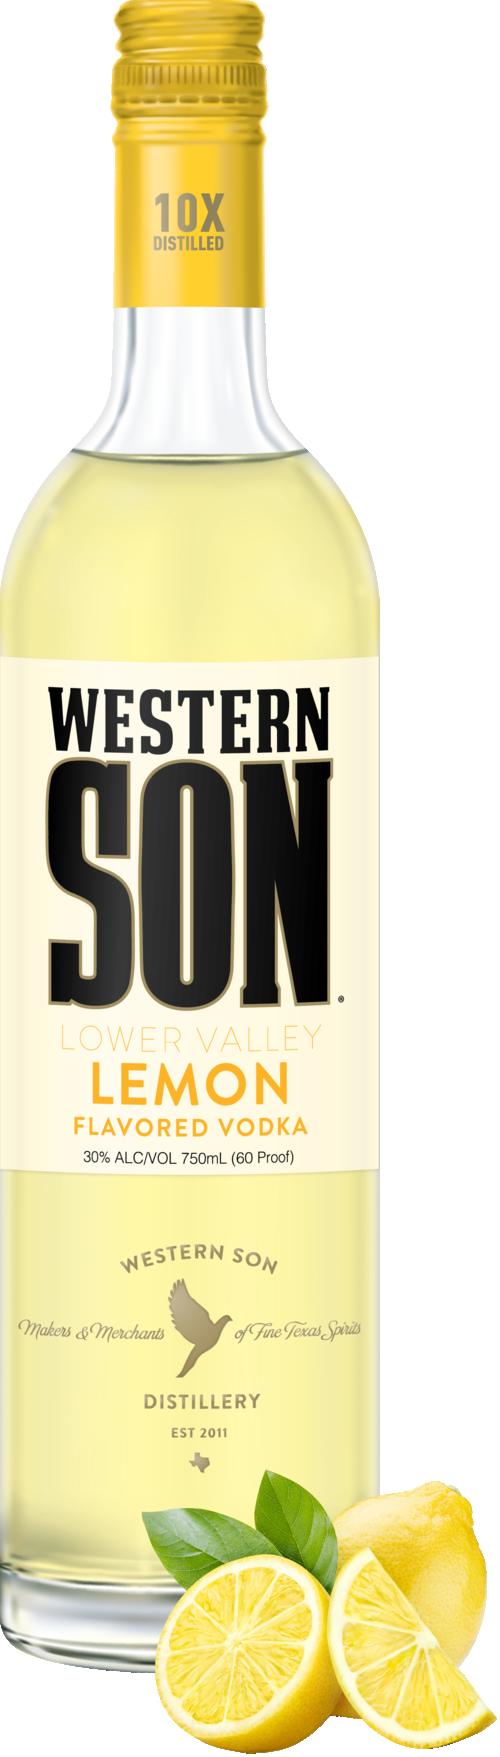 Western Son Lemon Vodka 1L